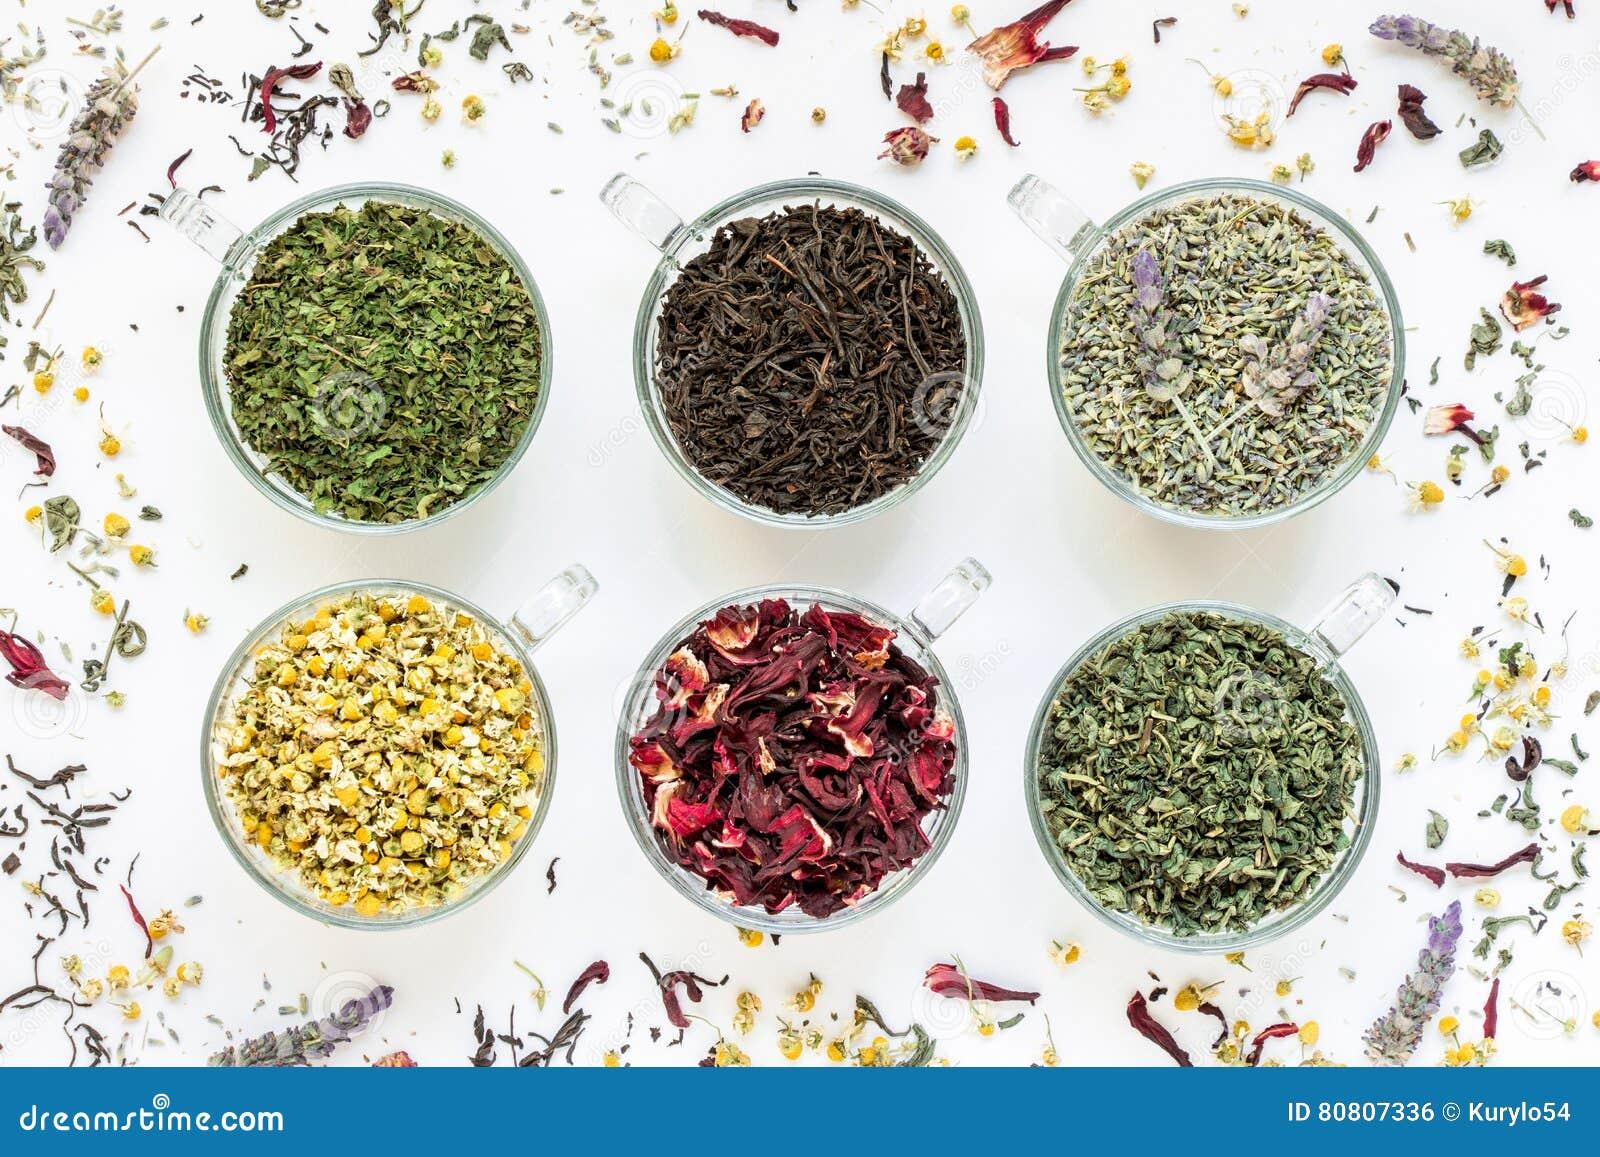 Собрание от 6 разных видов листьев чая